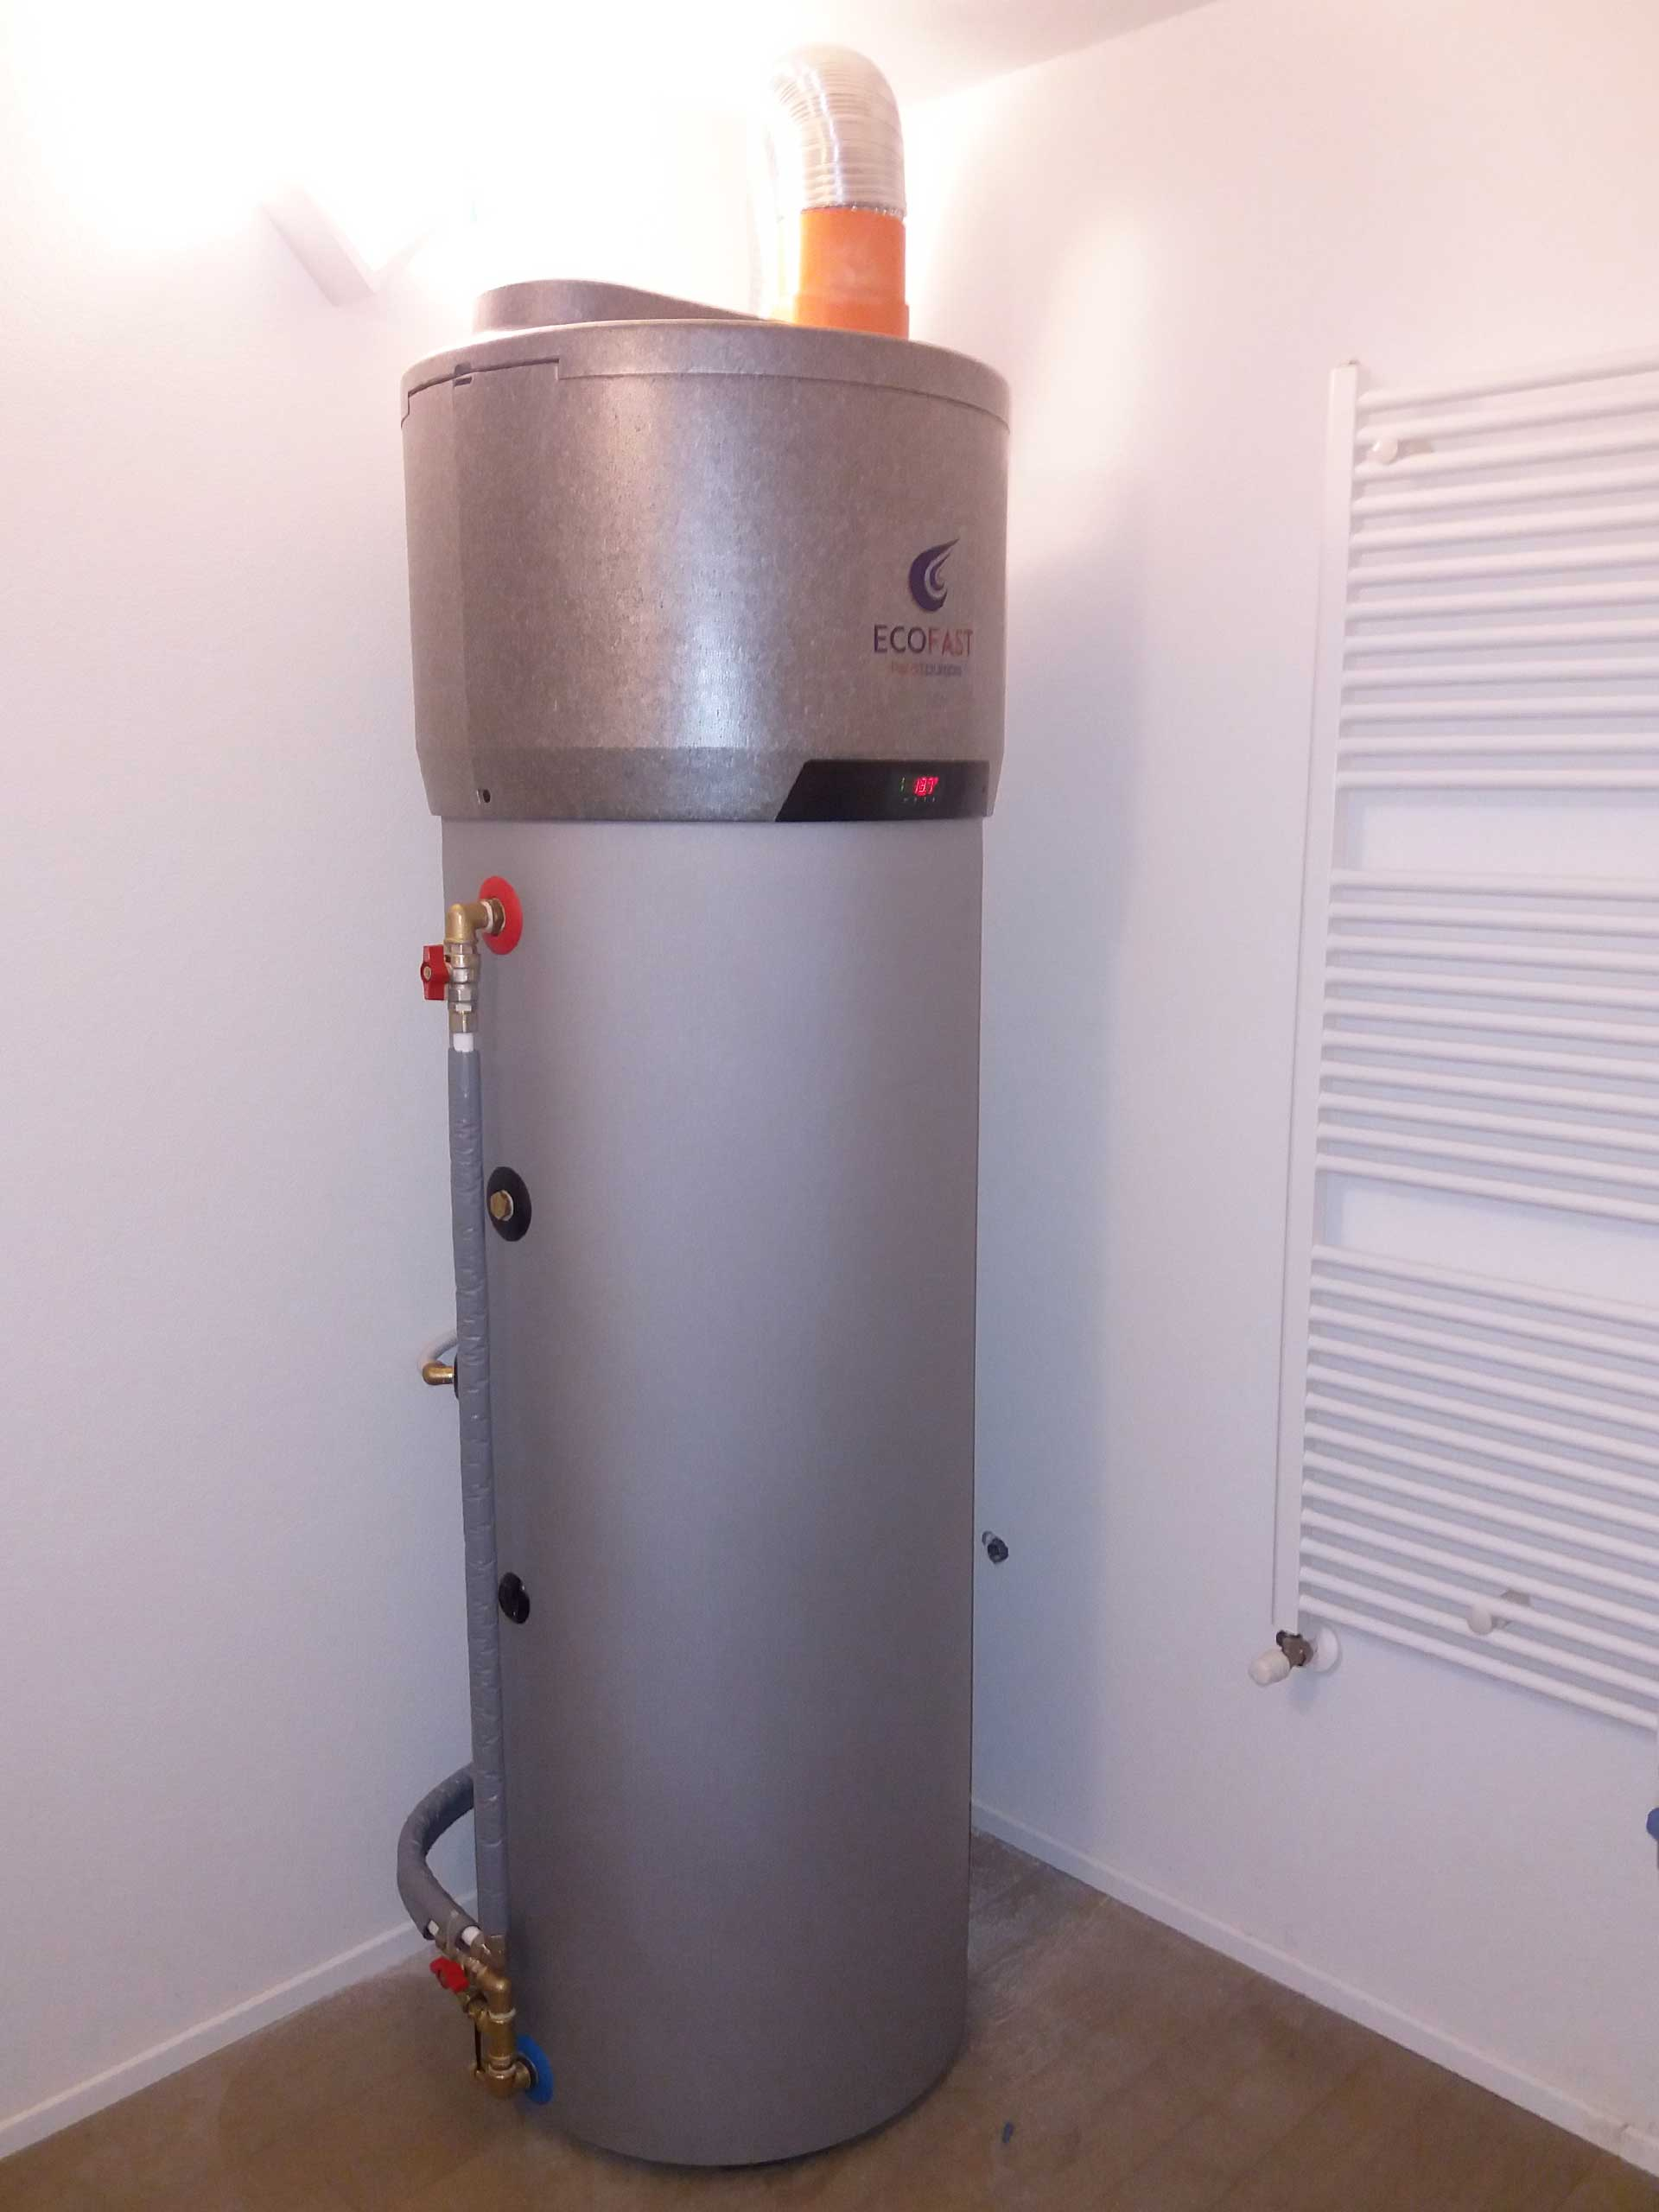 Pompe-di-calore-monoblocco-Eco-fast